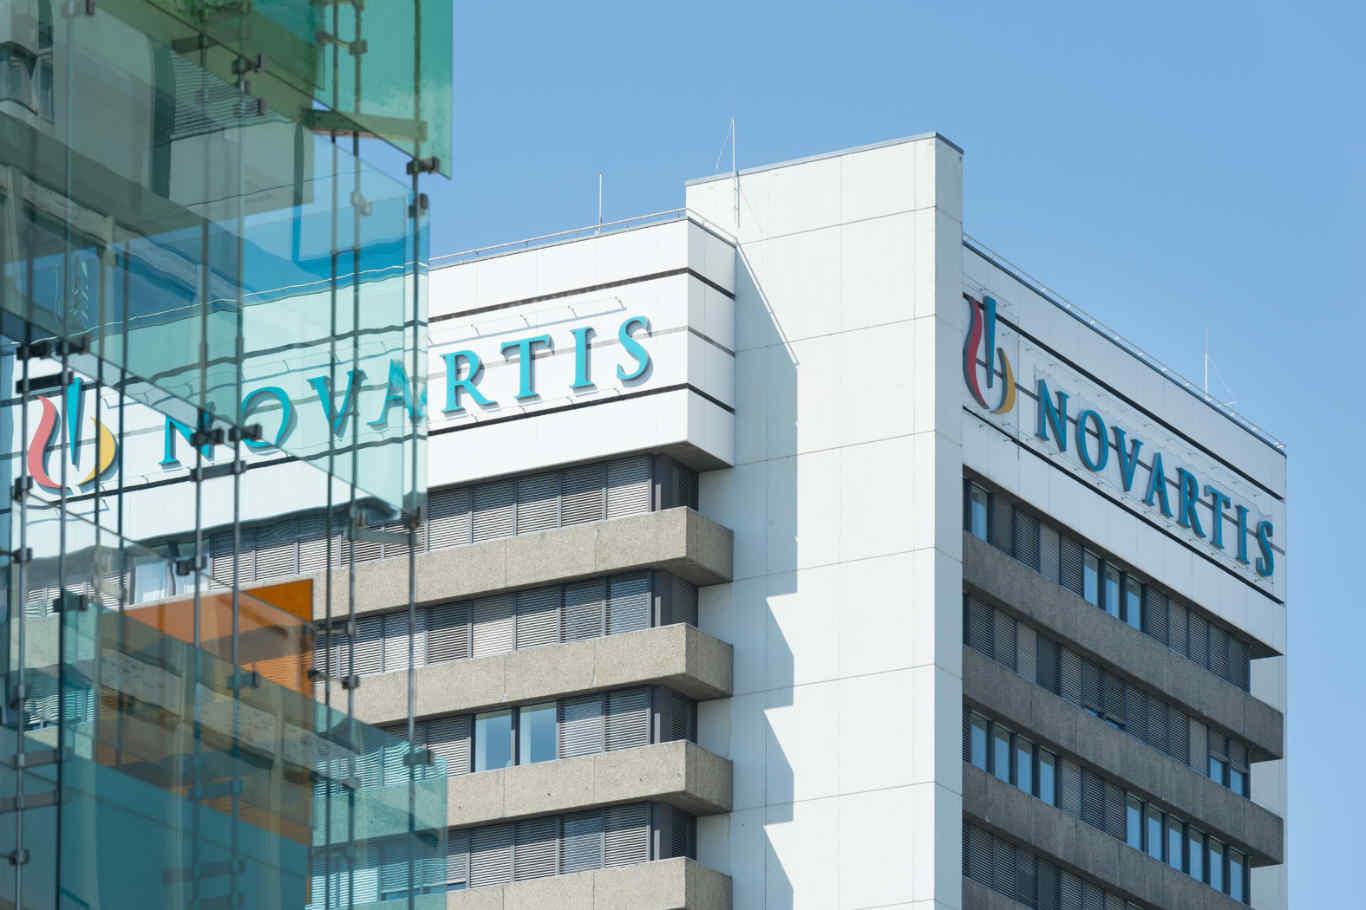 novartis-tower-with-logo